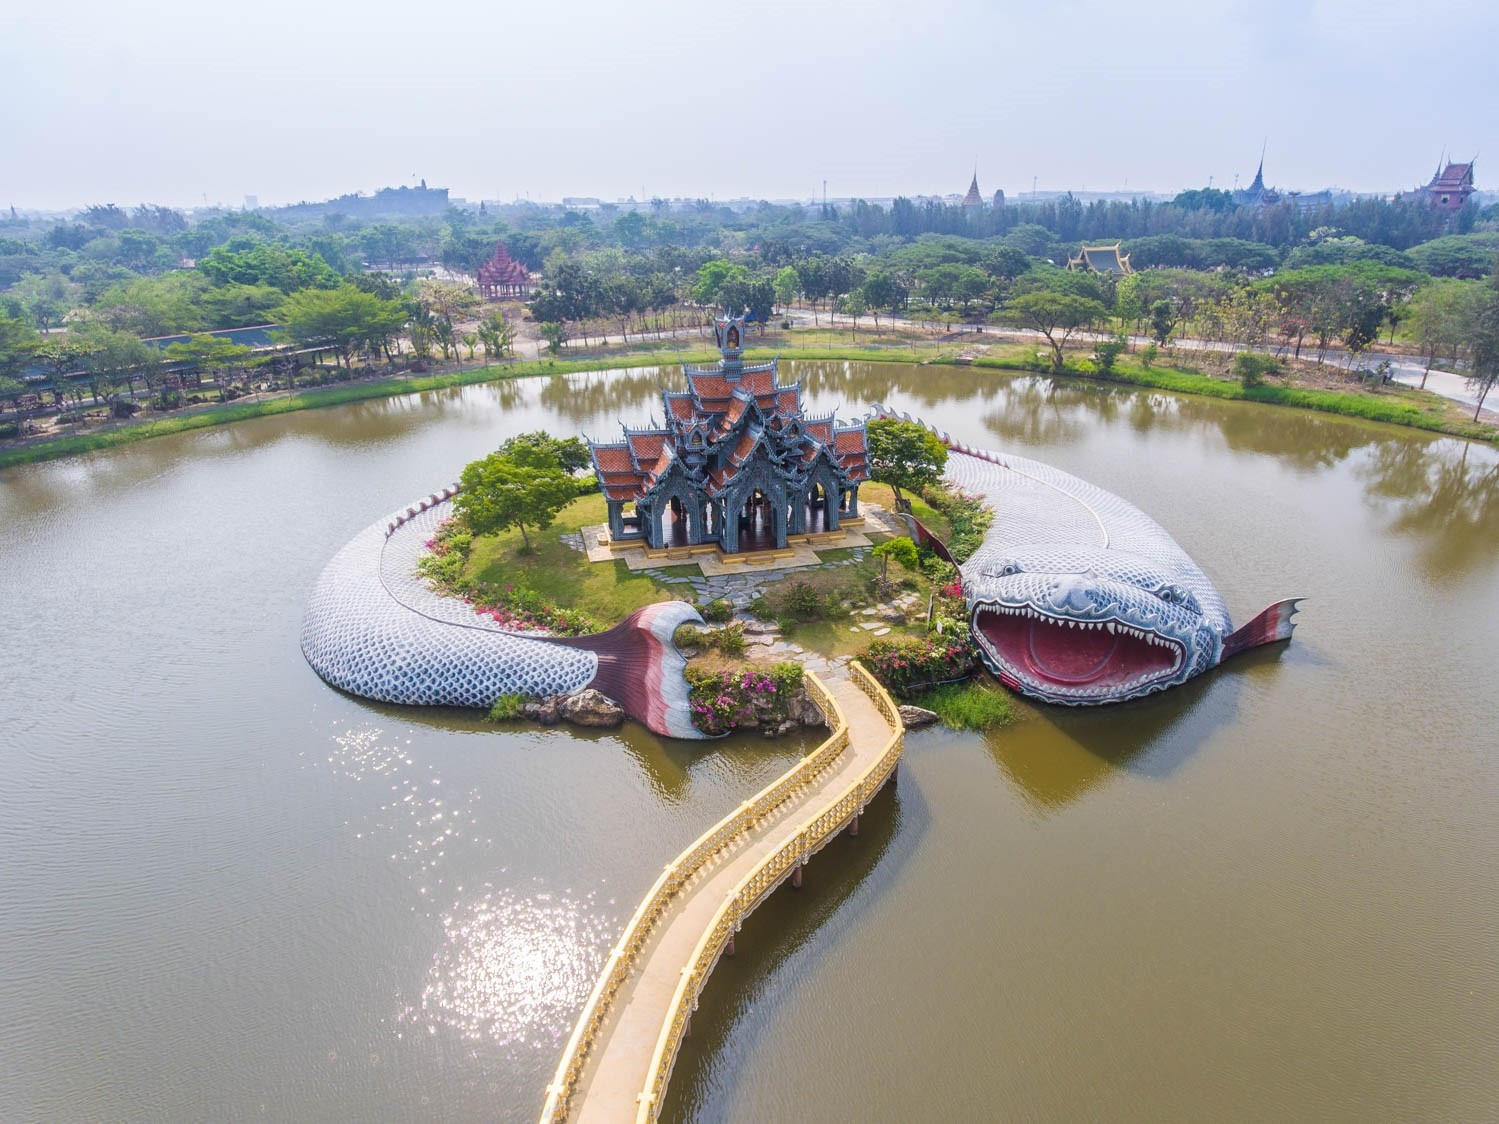 Cung điện núi Sumeru - Muang Boran | 7 kỳ quan kiến trúc độc đáo bậc nhất của Thái Lan | Brain Berries